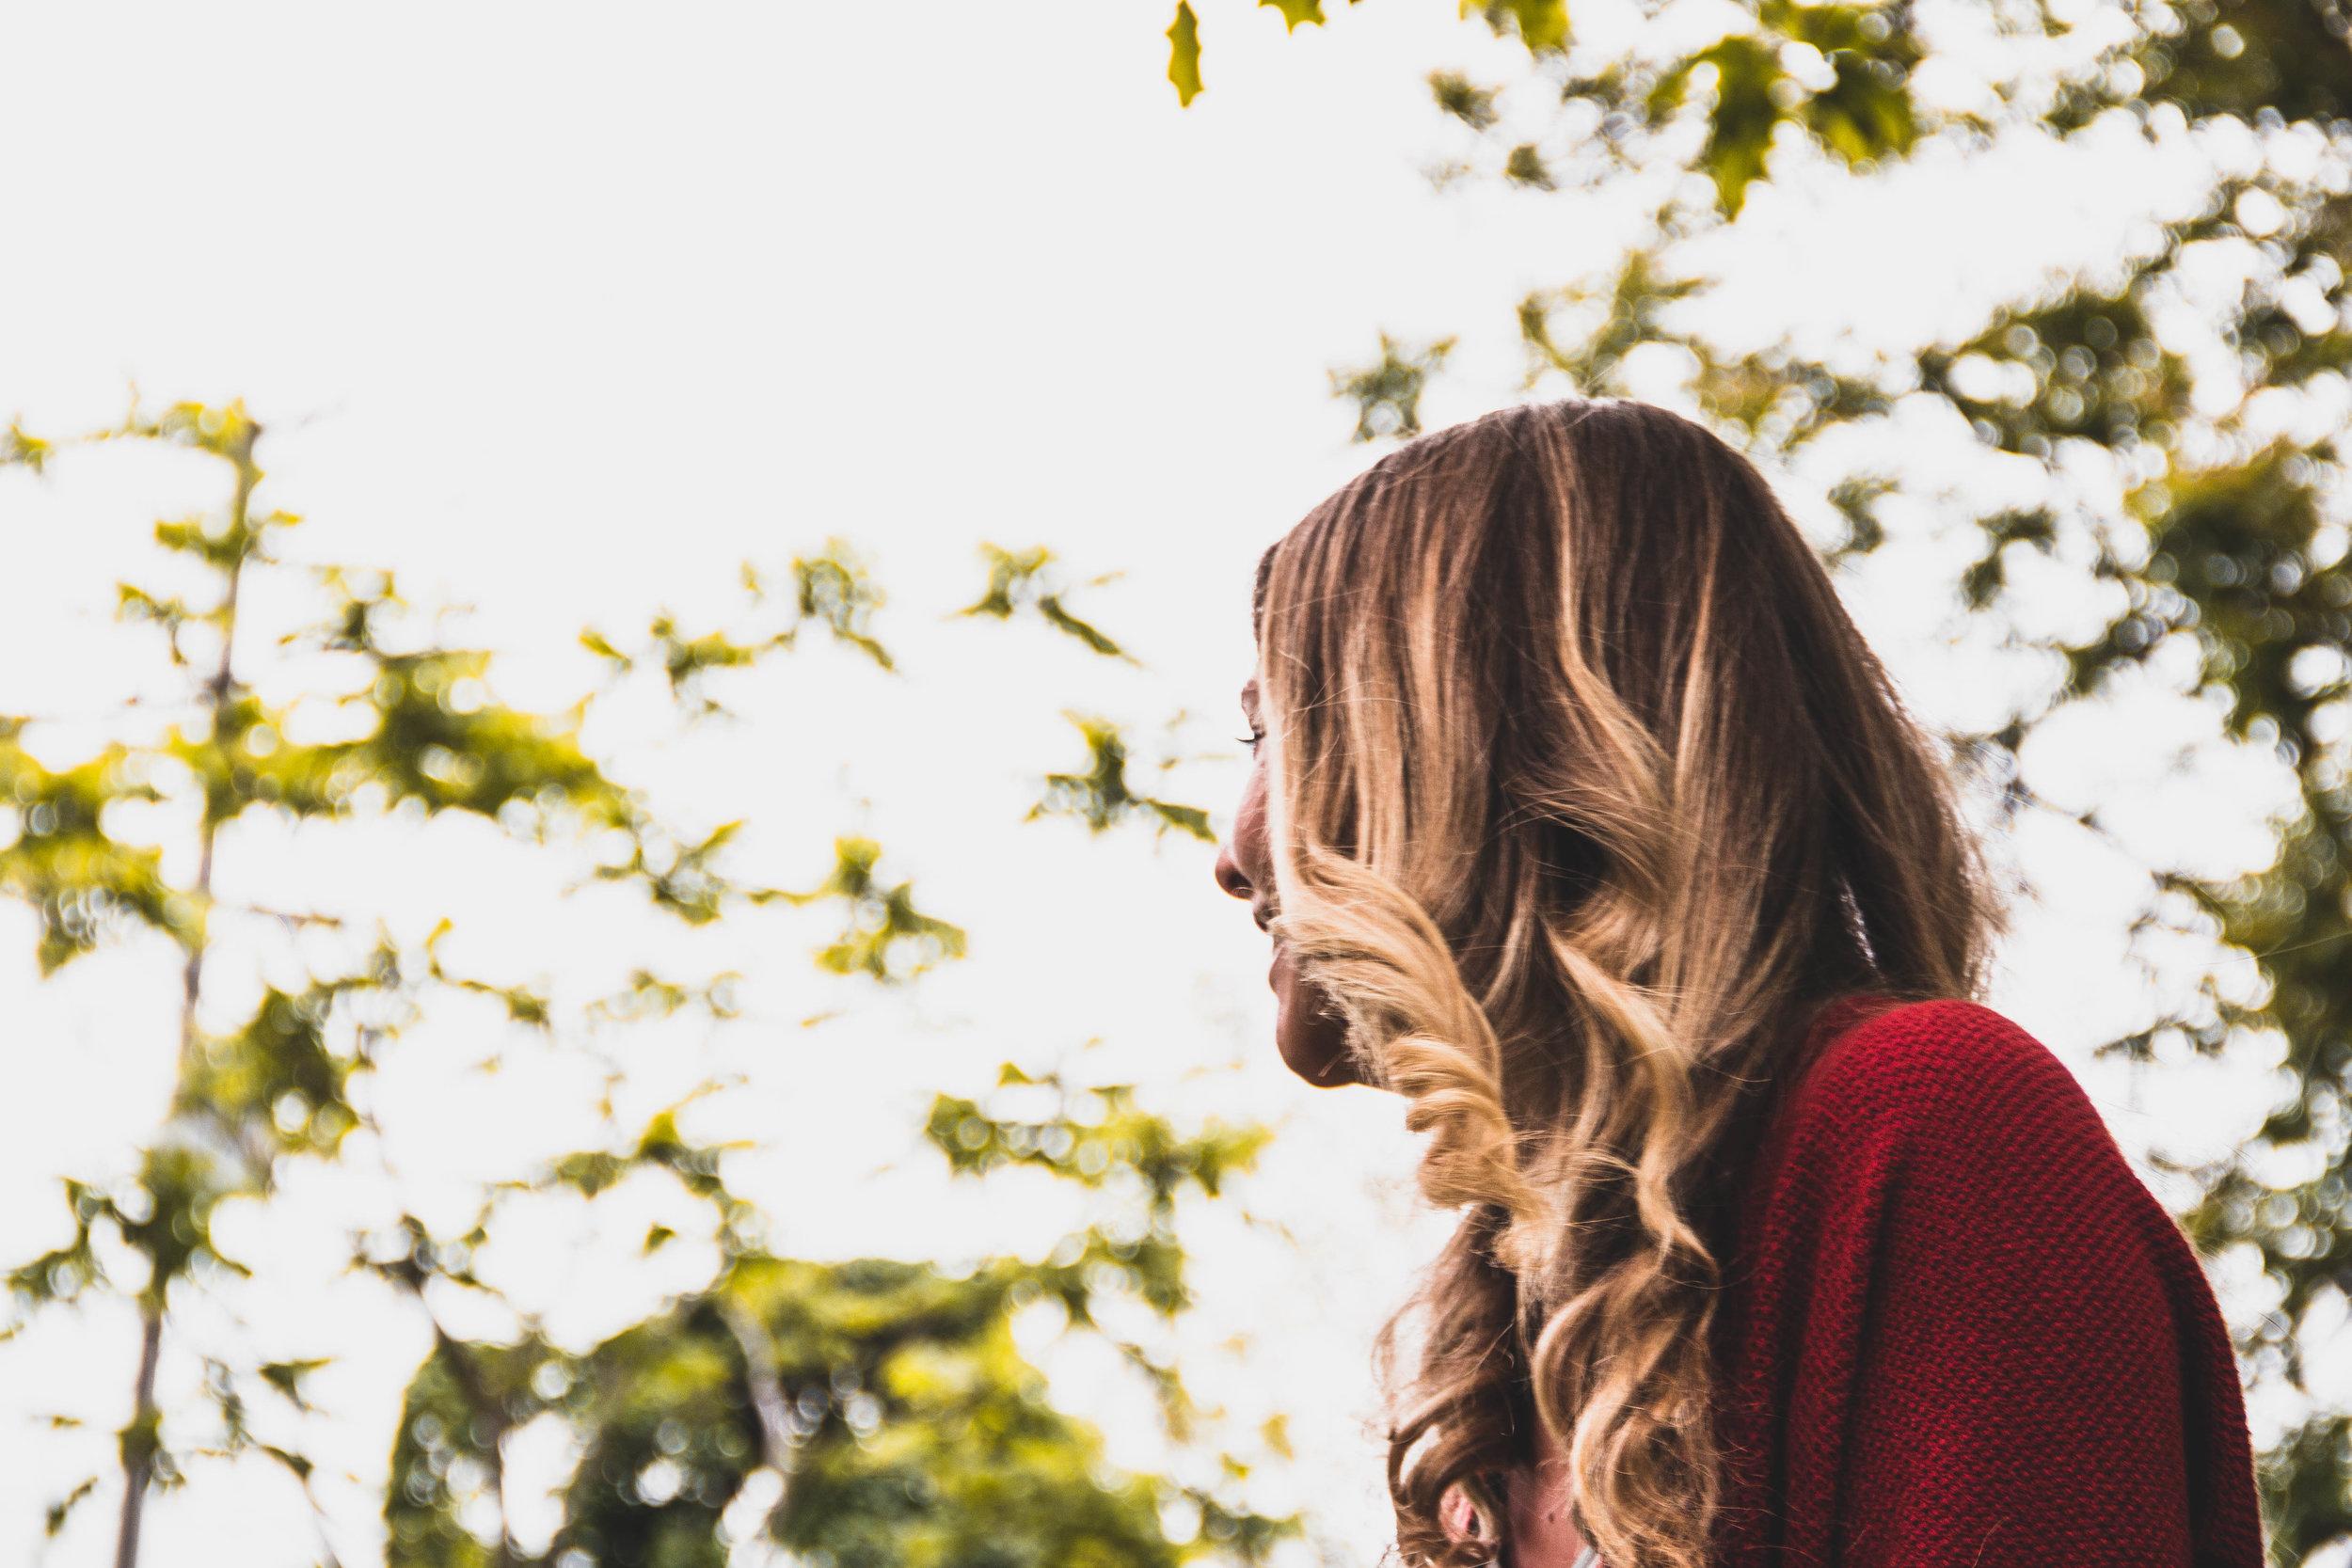 Sara_Lookaway.jpg